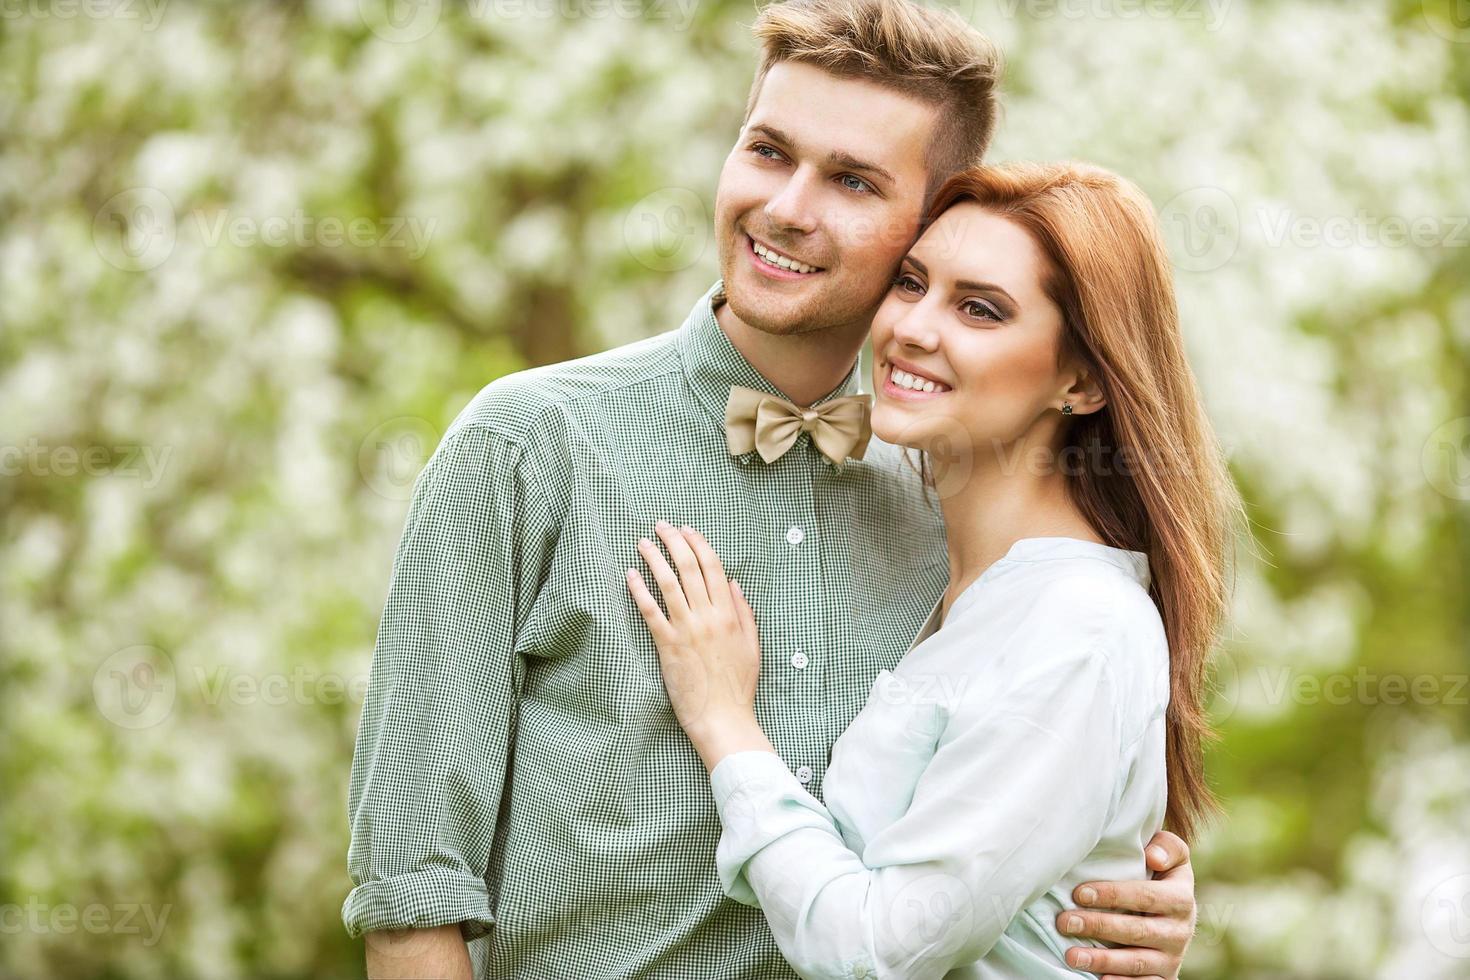 pareja de enamorados en el parque sonriendo sosteniendo un ramo foto